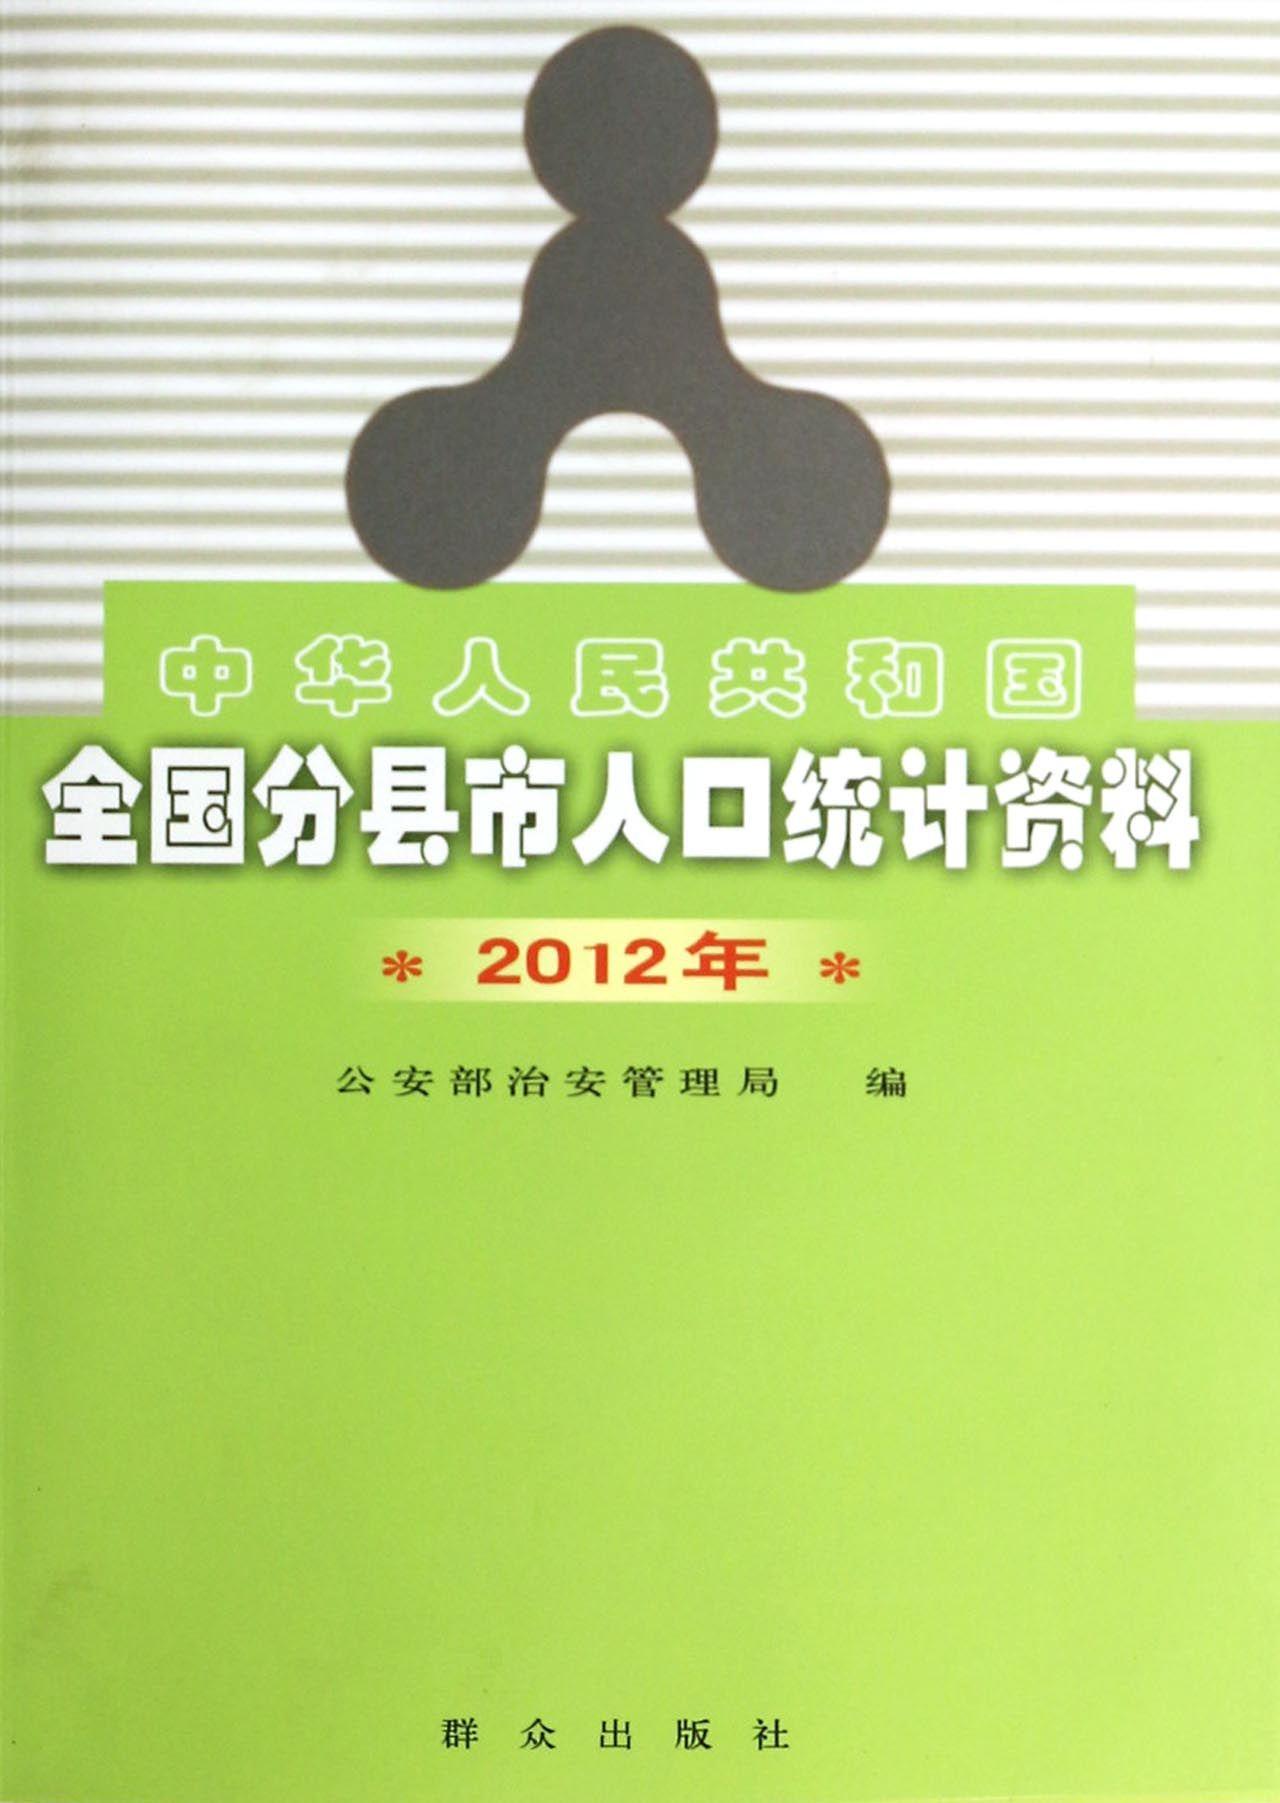 内蒙古人口统计_中国人口统计2012